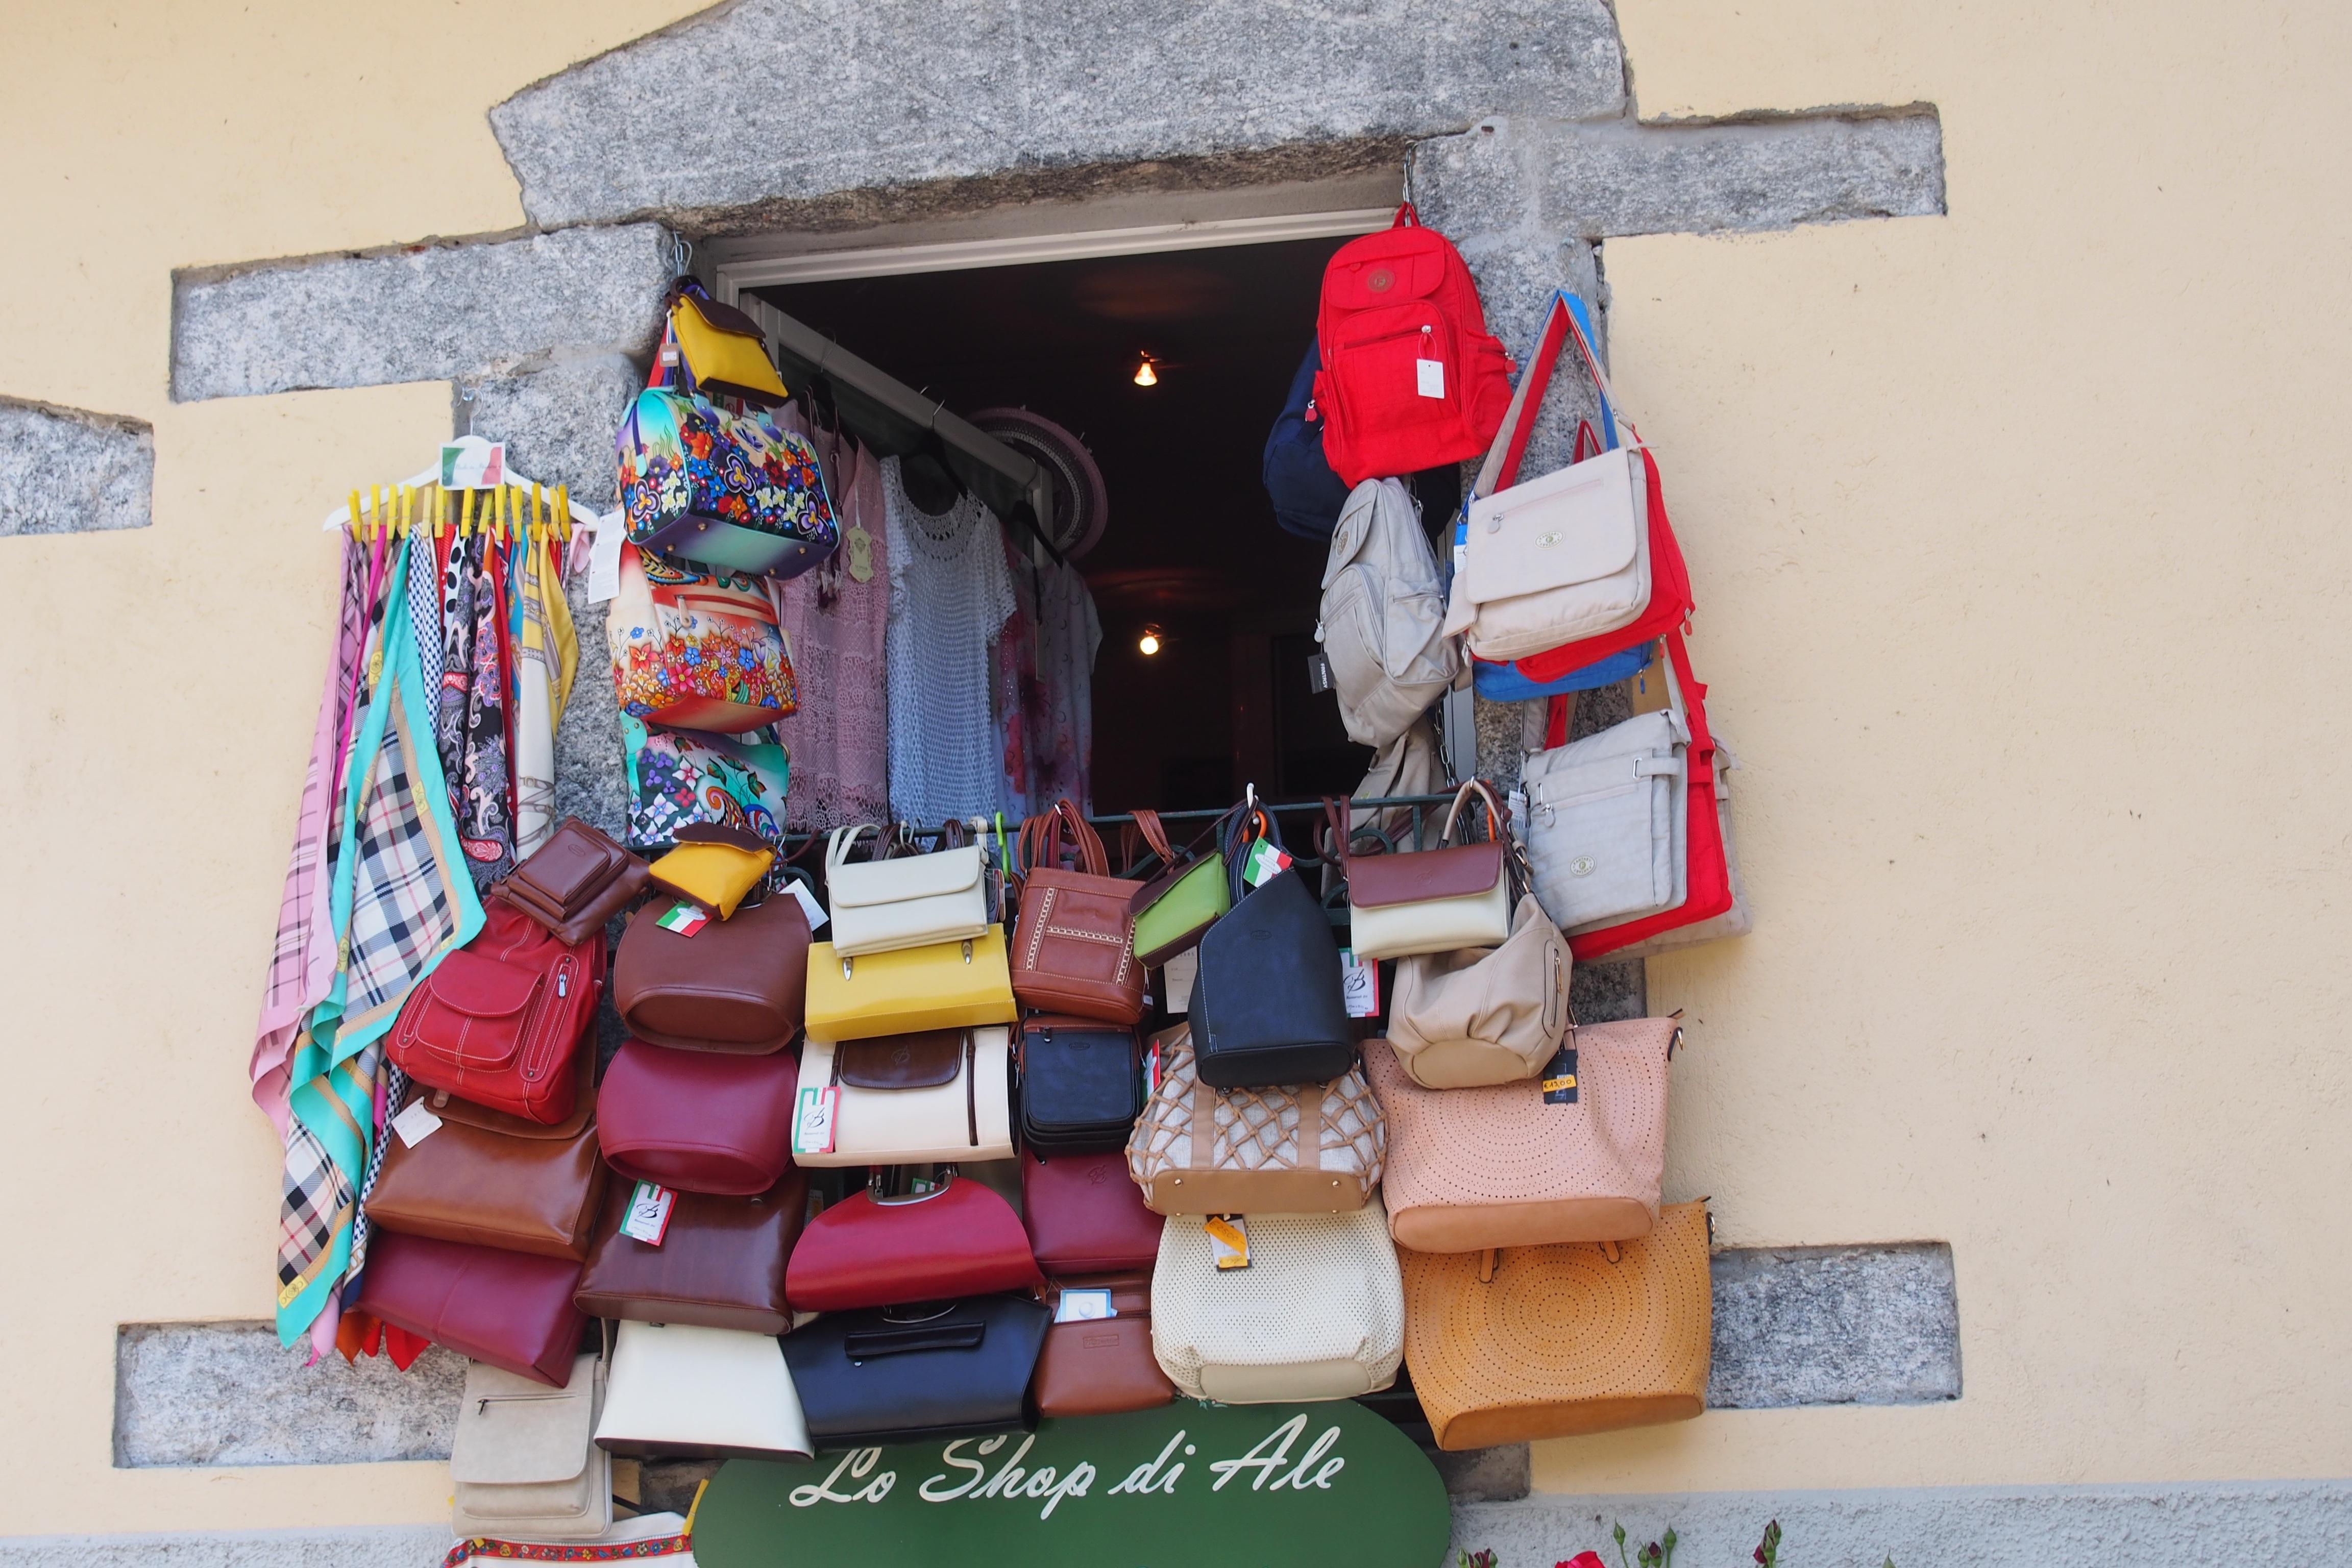 Недорогие сумки - купить сумку недорого в